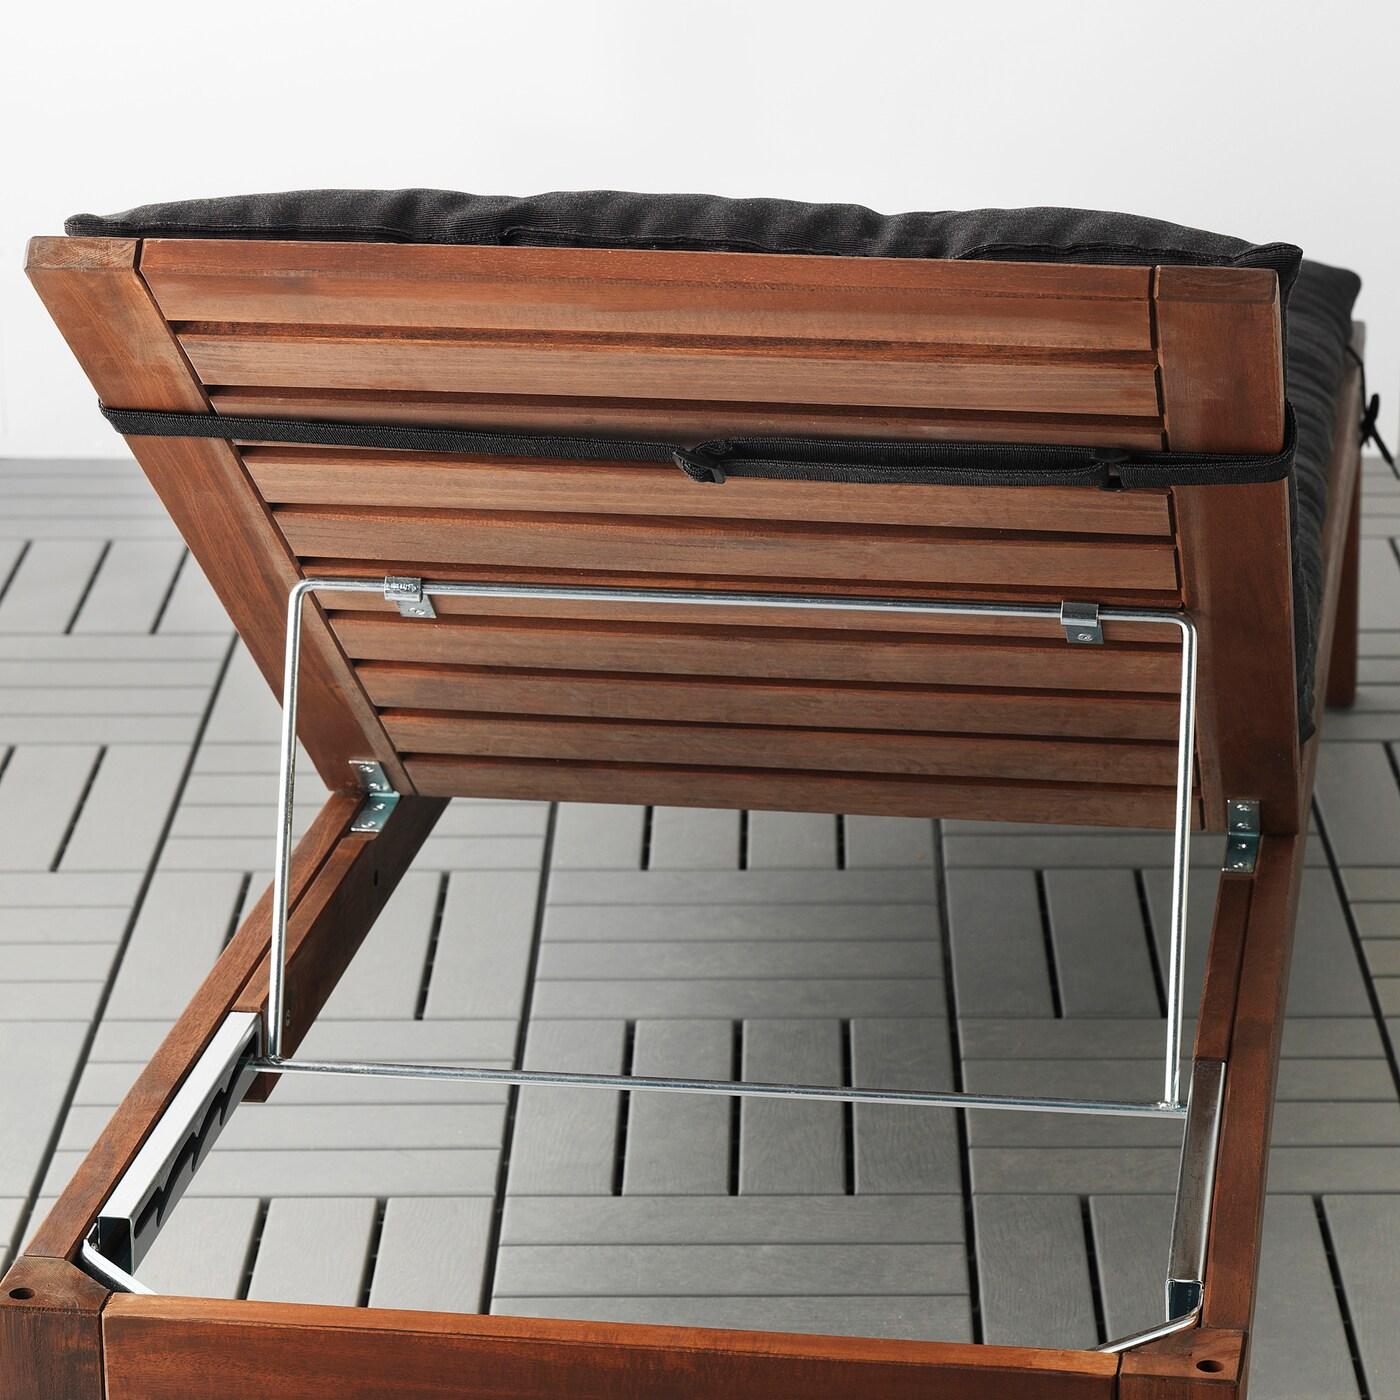 Full Size of Ikea Liegestuhl Hll Liegeauflage Schwarz Deutschland Betten 160x200 Miniküche Küche Kosten Modulküche Sofa Mit Schlaffunktion Bei Kaufen Garten Wohnzimmer Ikea Liegestuhl